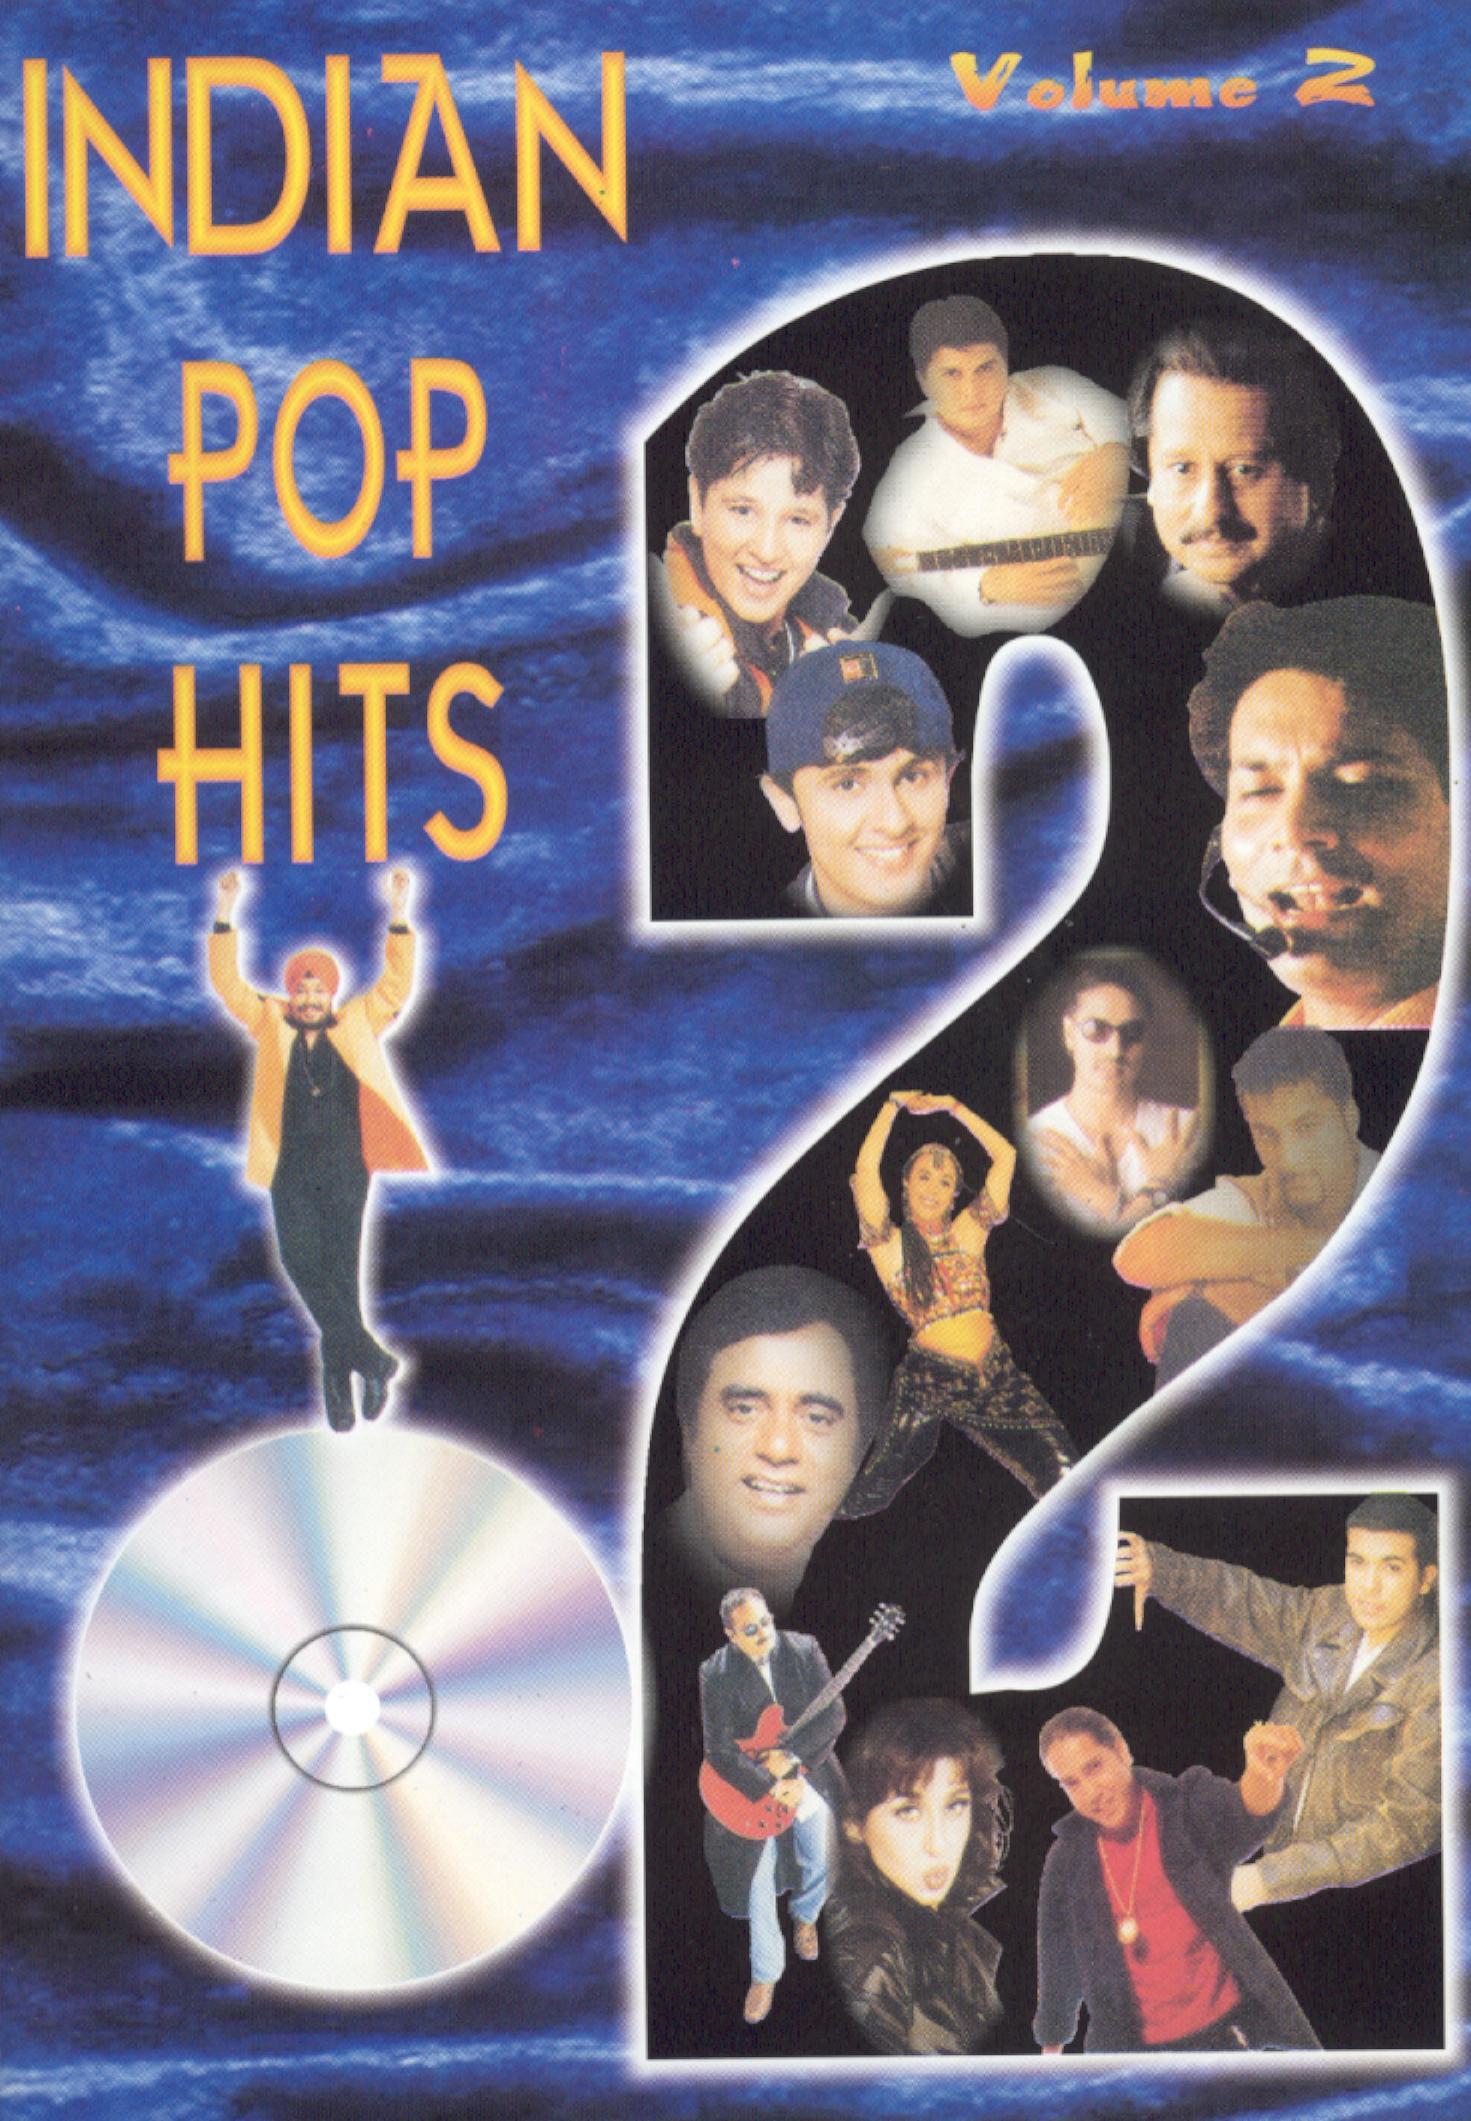 Indian Pop Hits, Vol. 2